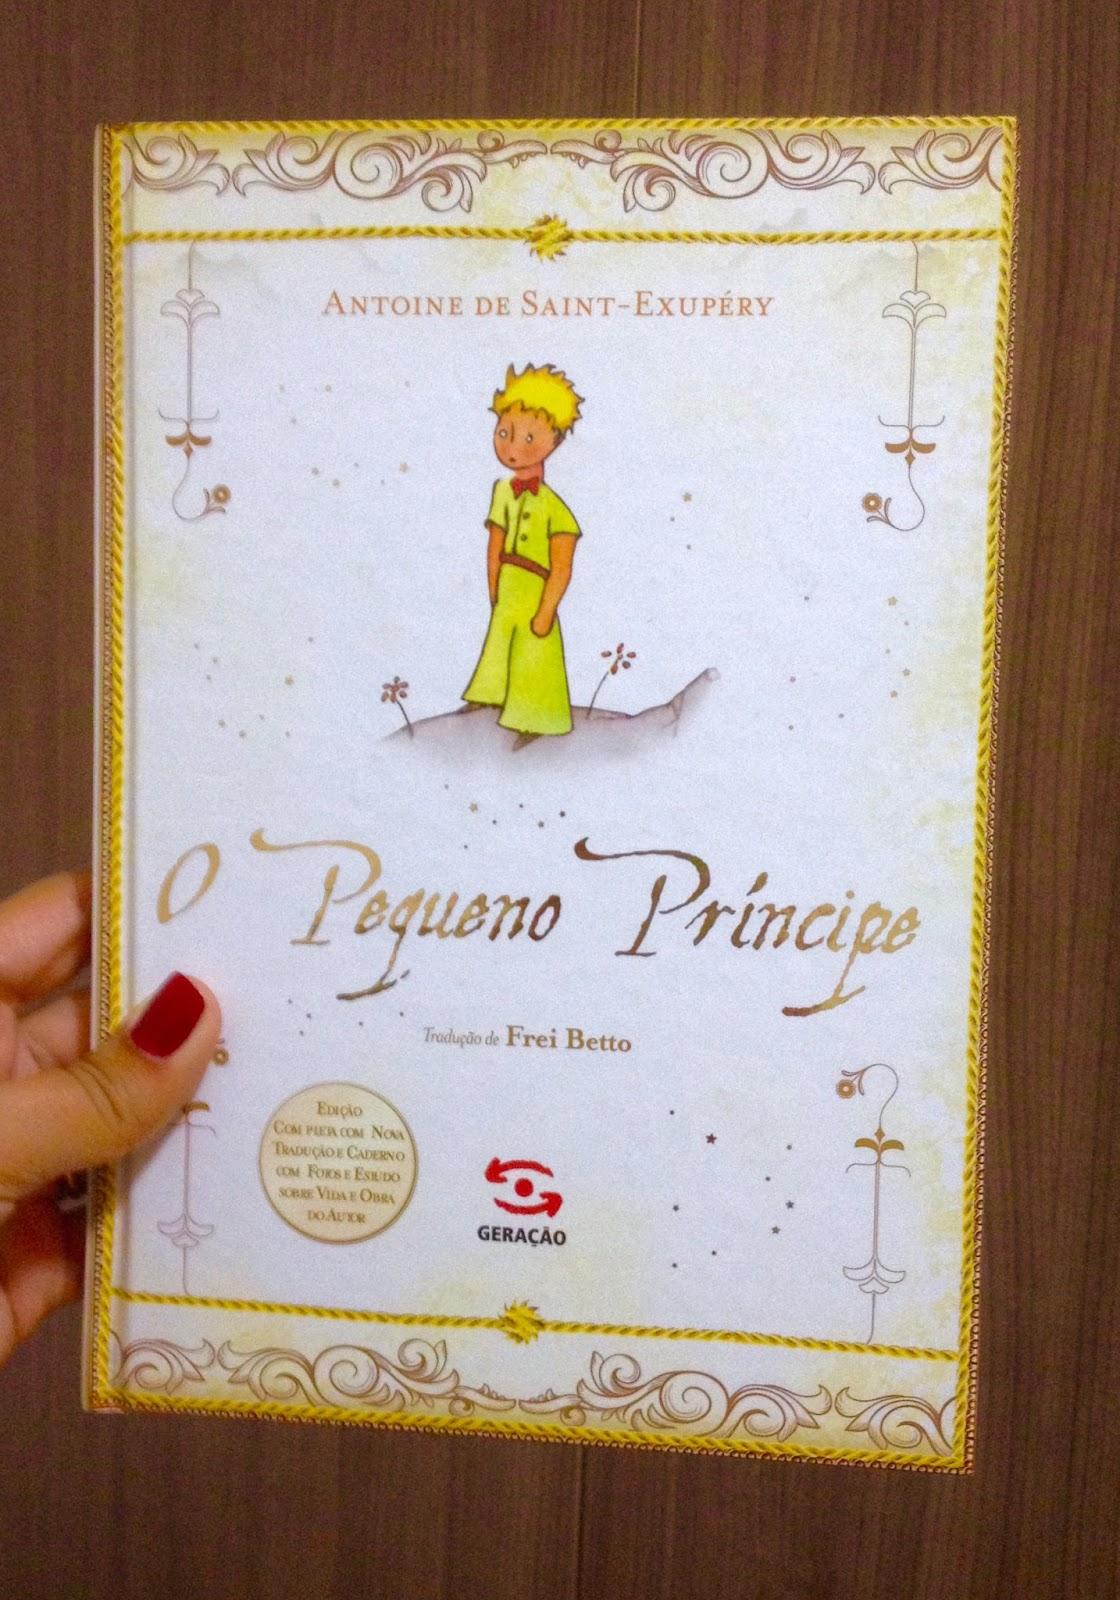 Filme O Pequeno Principe 2015 within voando com livros: o pequeno príncipe - resenha livro e filme